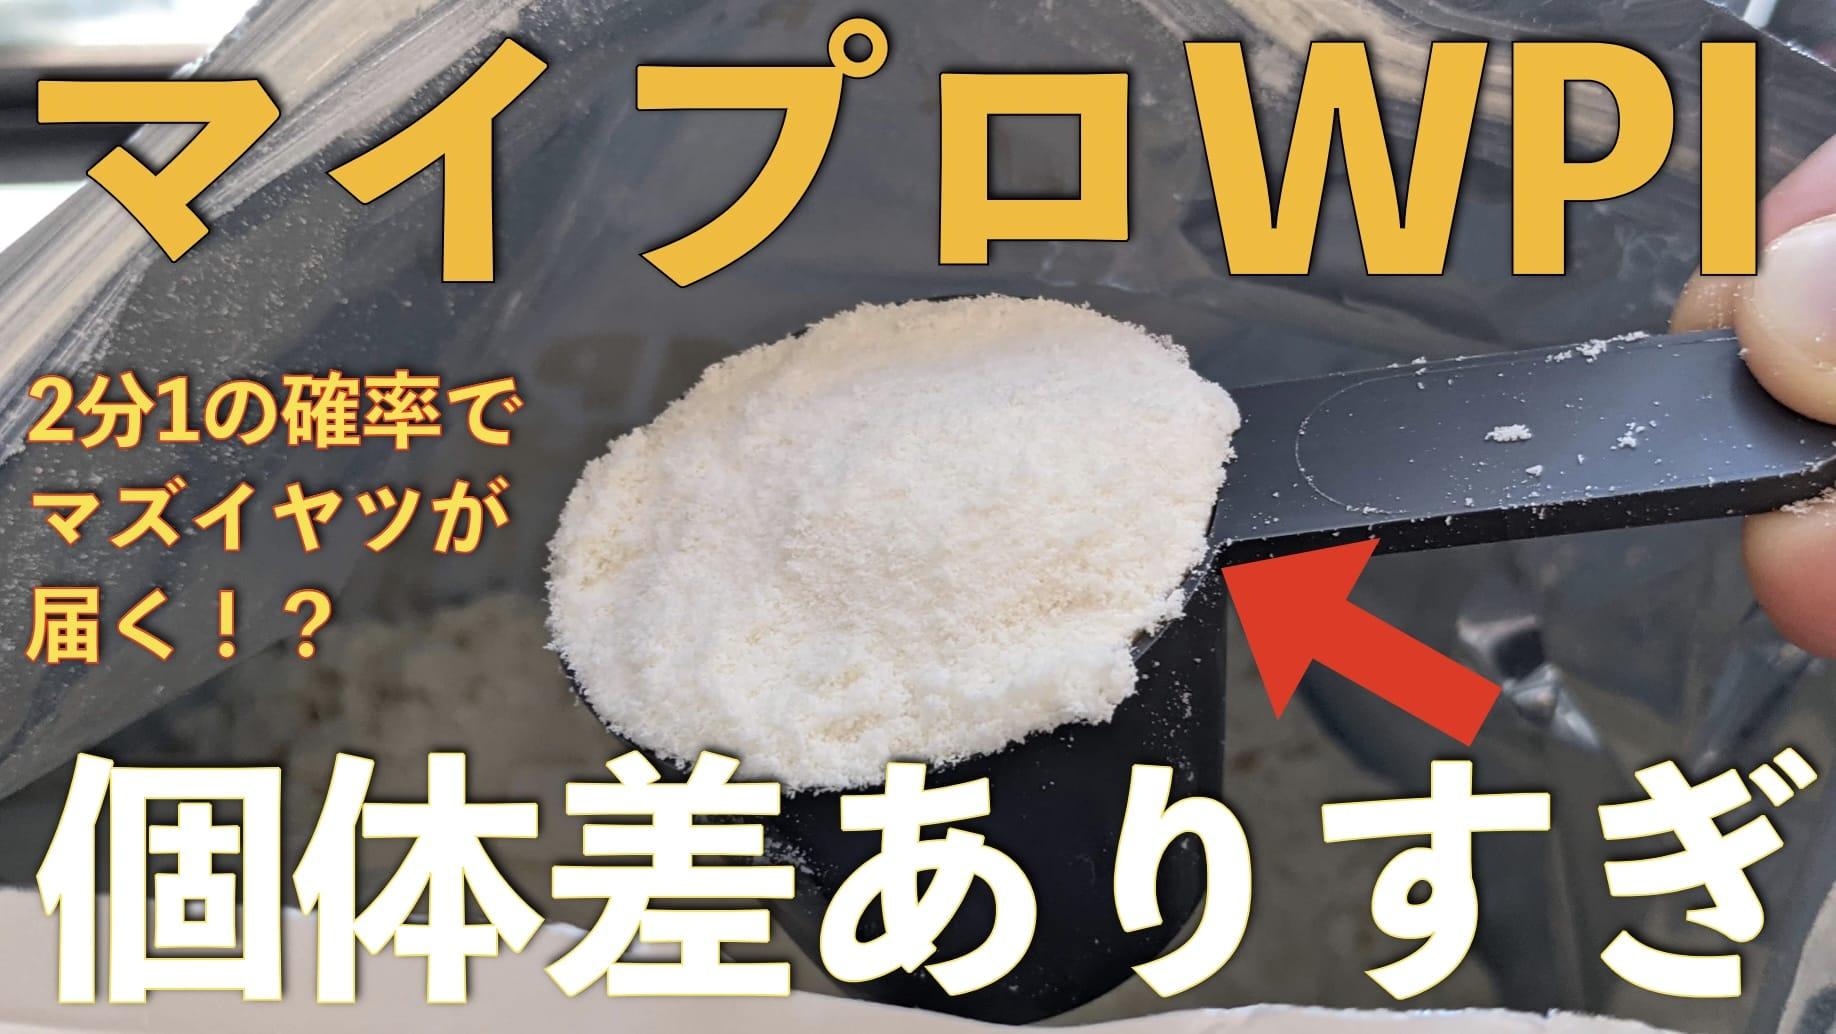 【味・品質にばらつきあり?】マイプロテインのWPIアイソレートのマズイ方が届いた【2度目】サムネイル画像